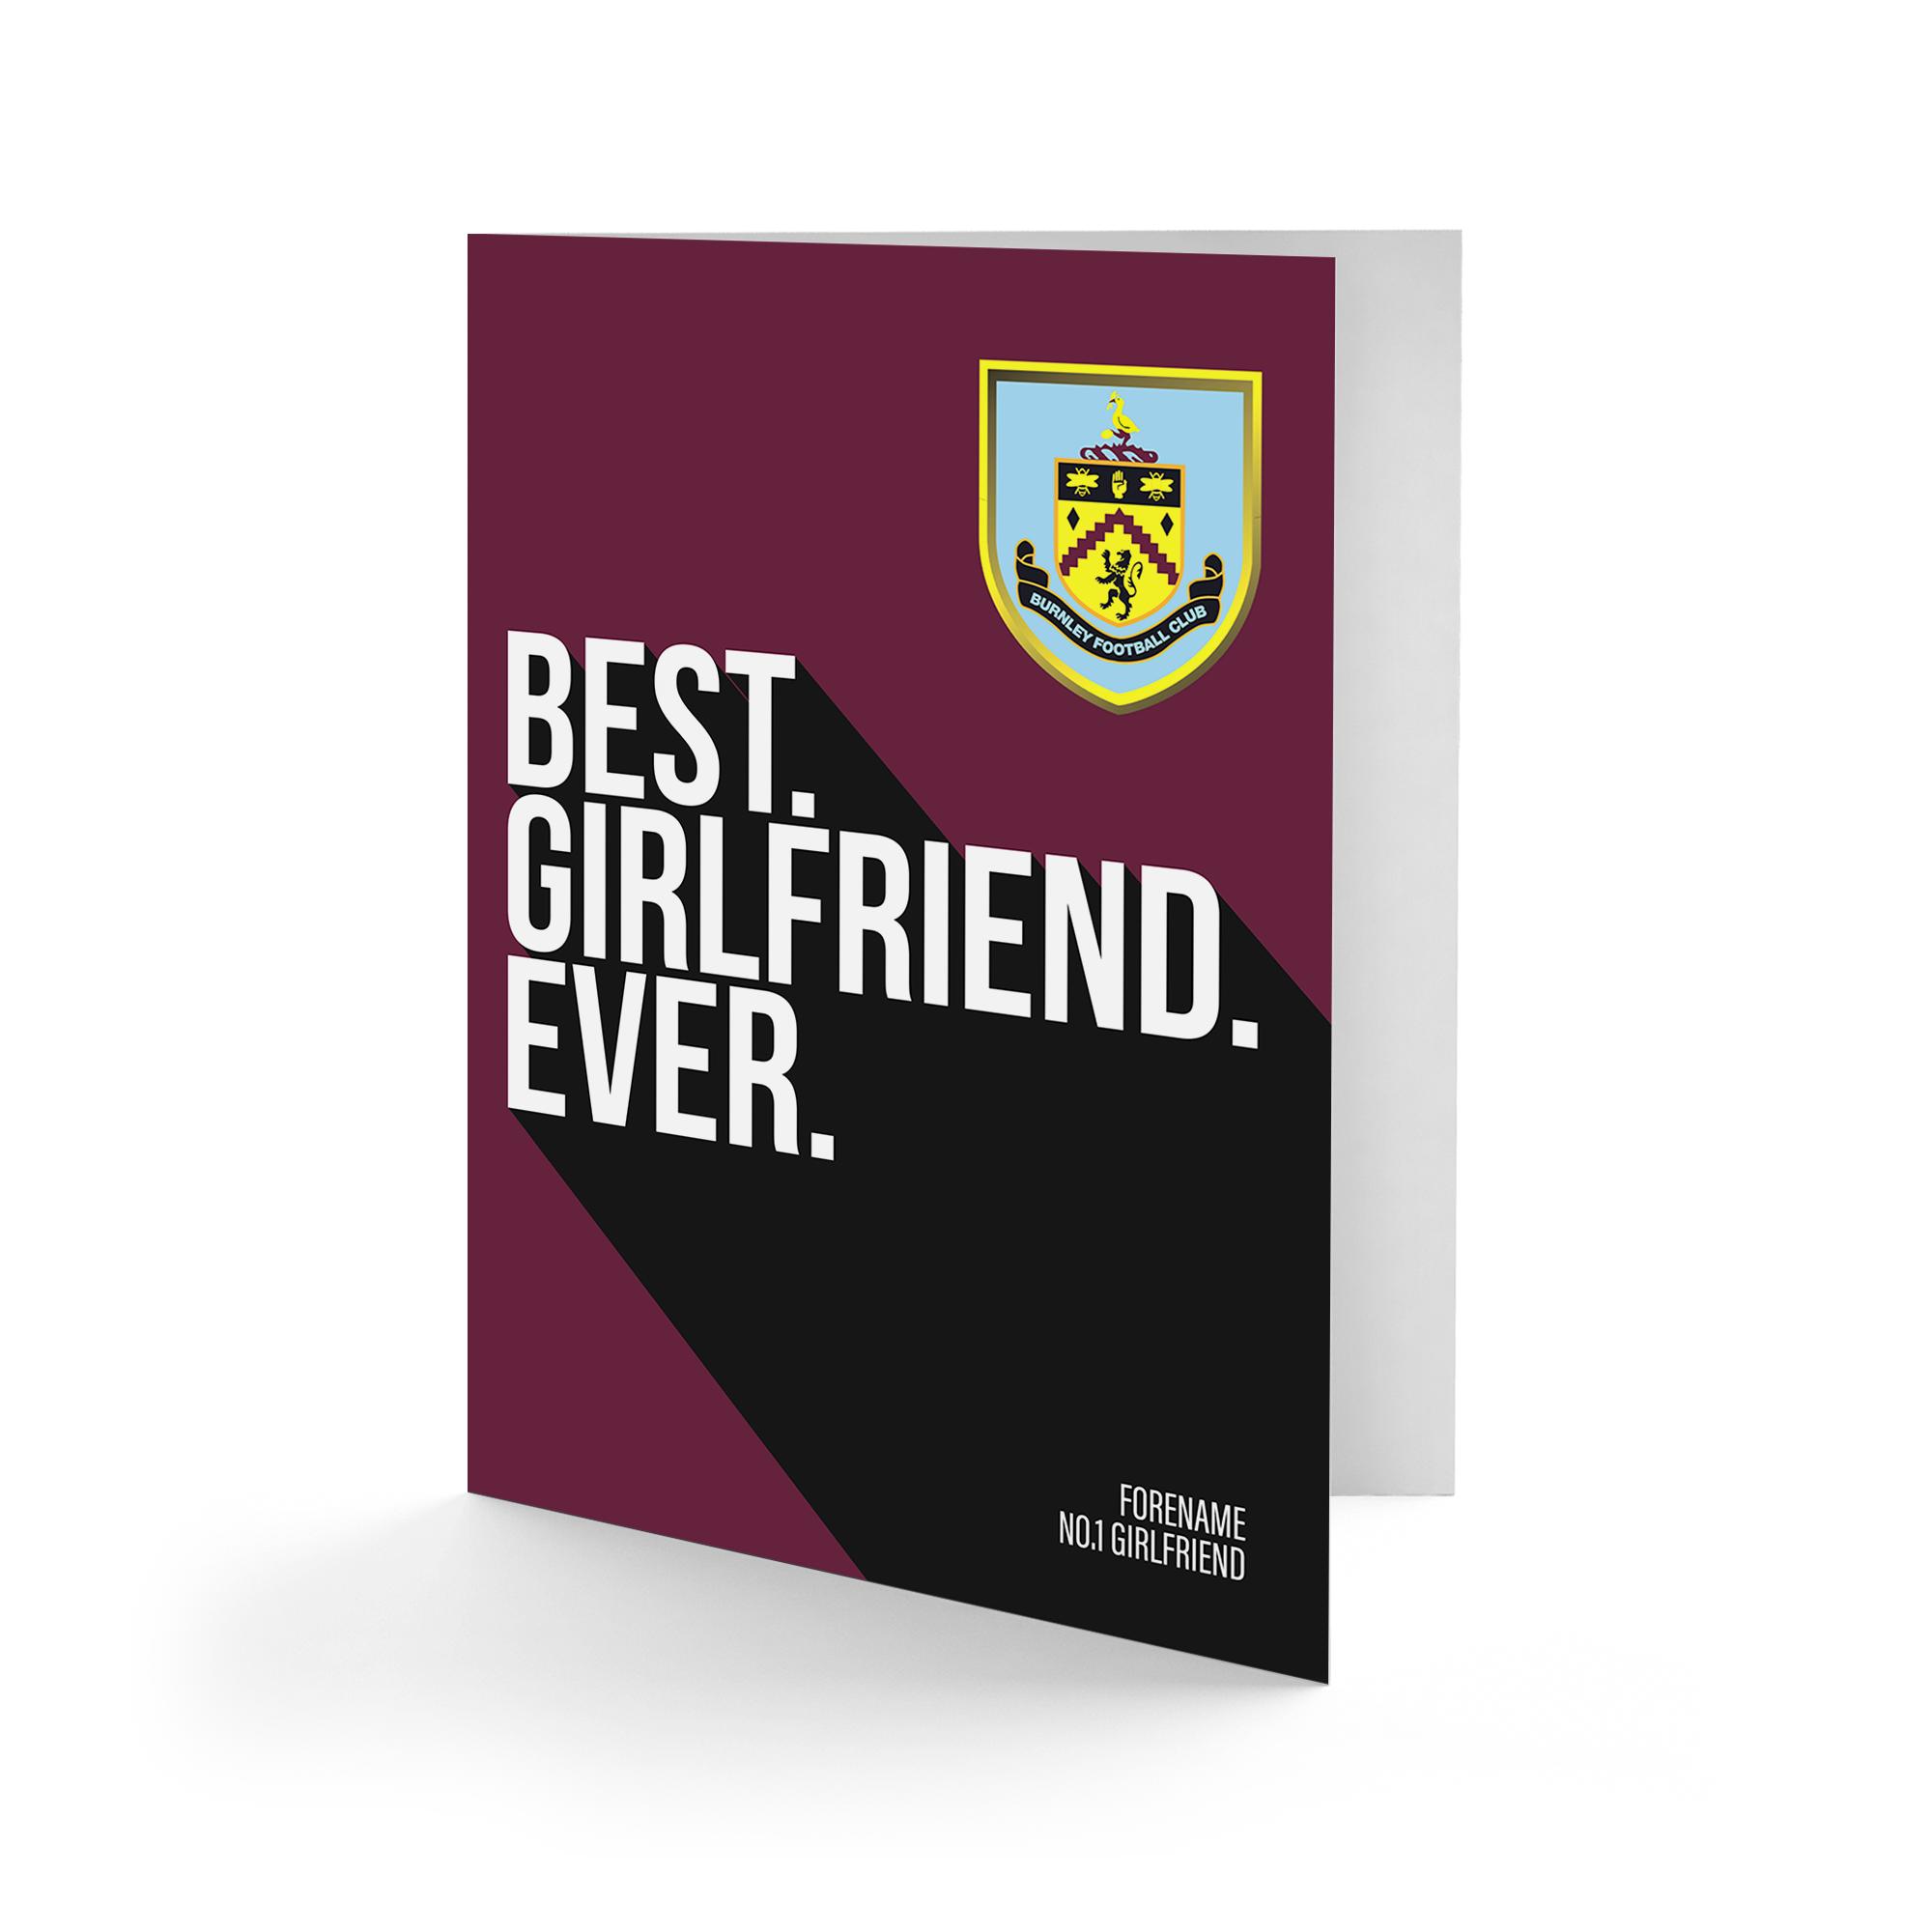 Burnley FC Best Girlfriend Ever Card